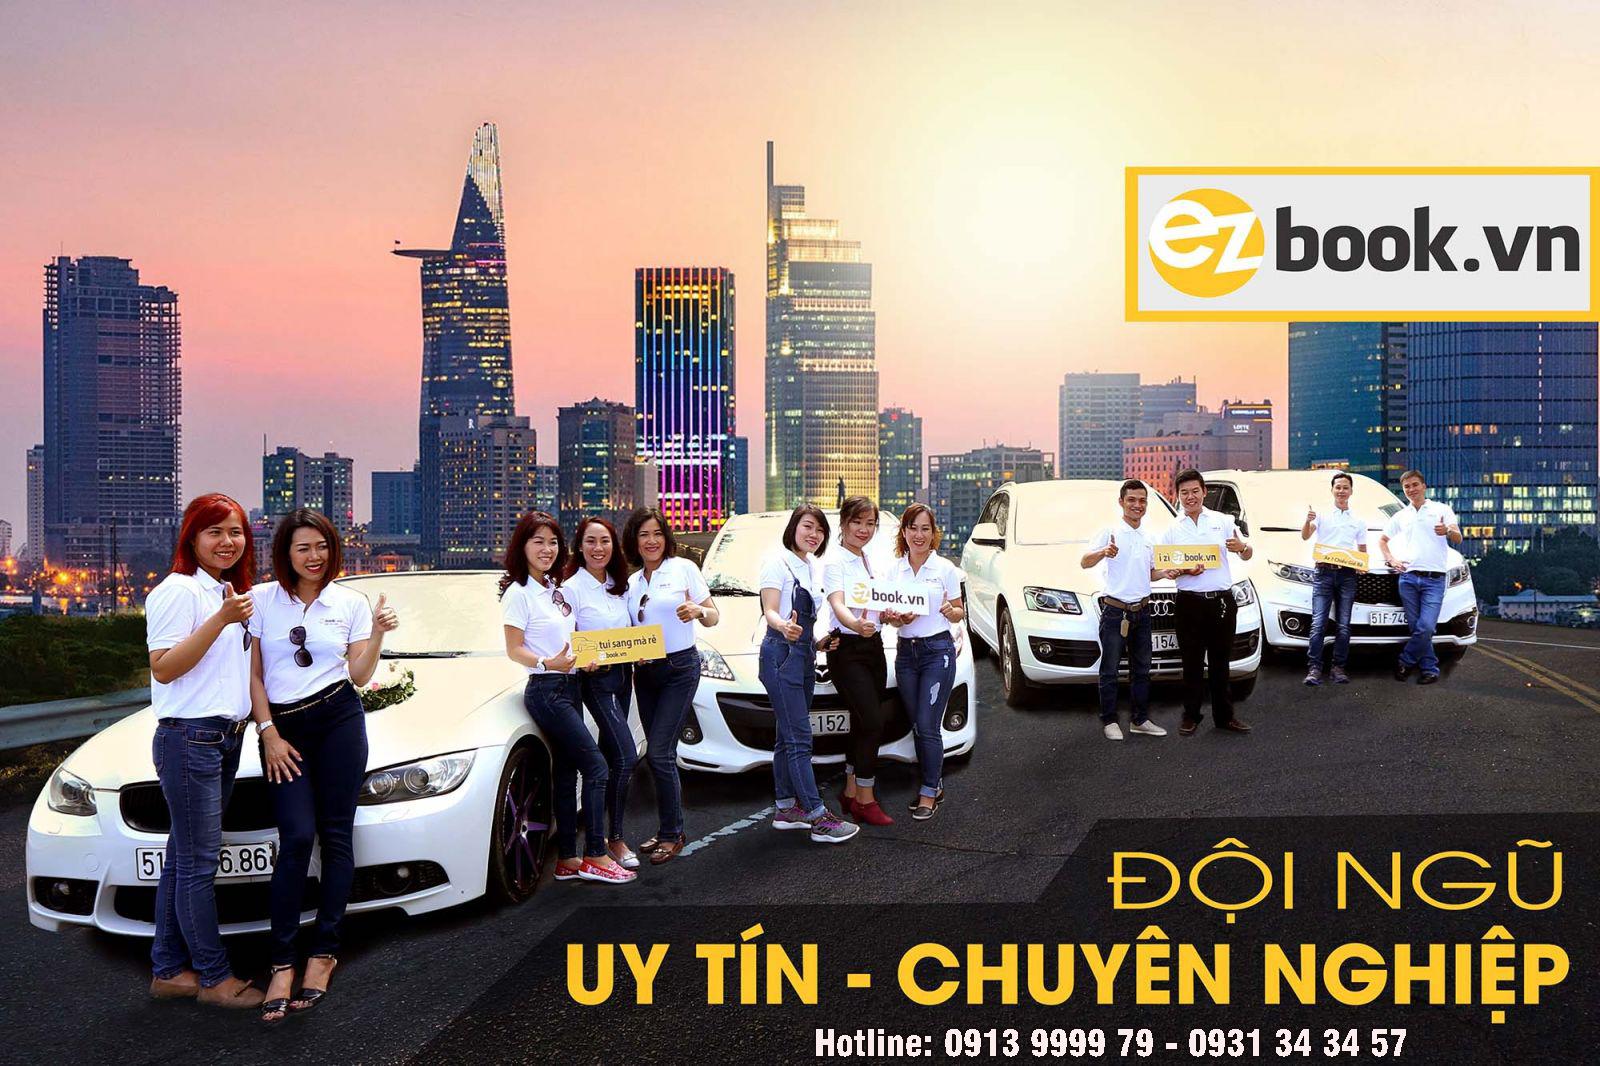 Dịch vụ thuê xe giá rẻ Ezbook